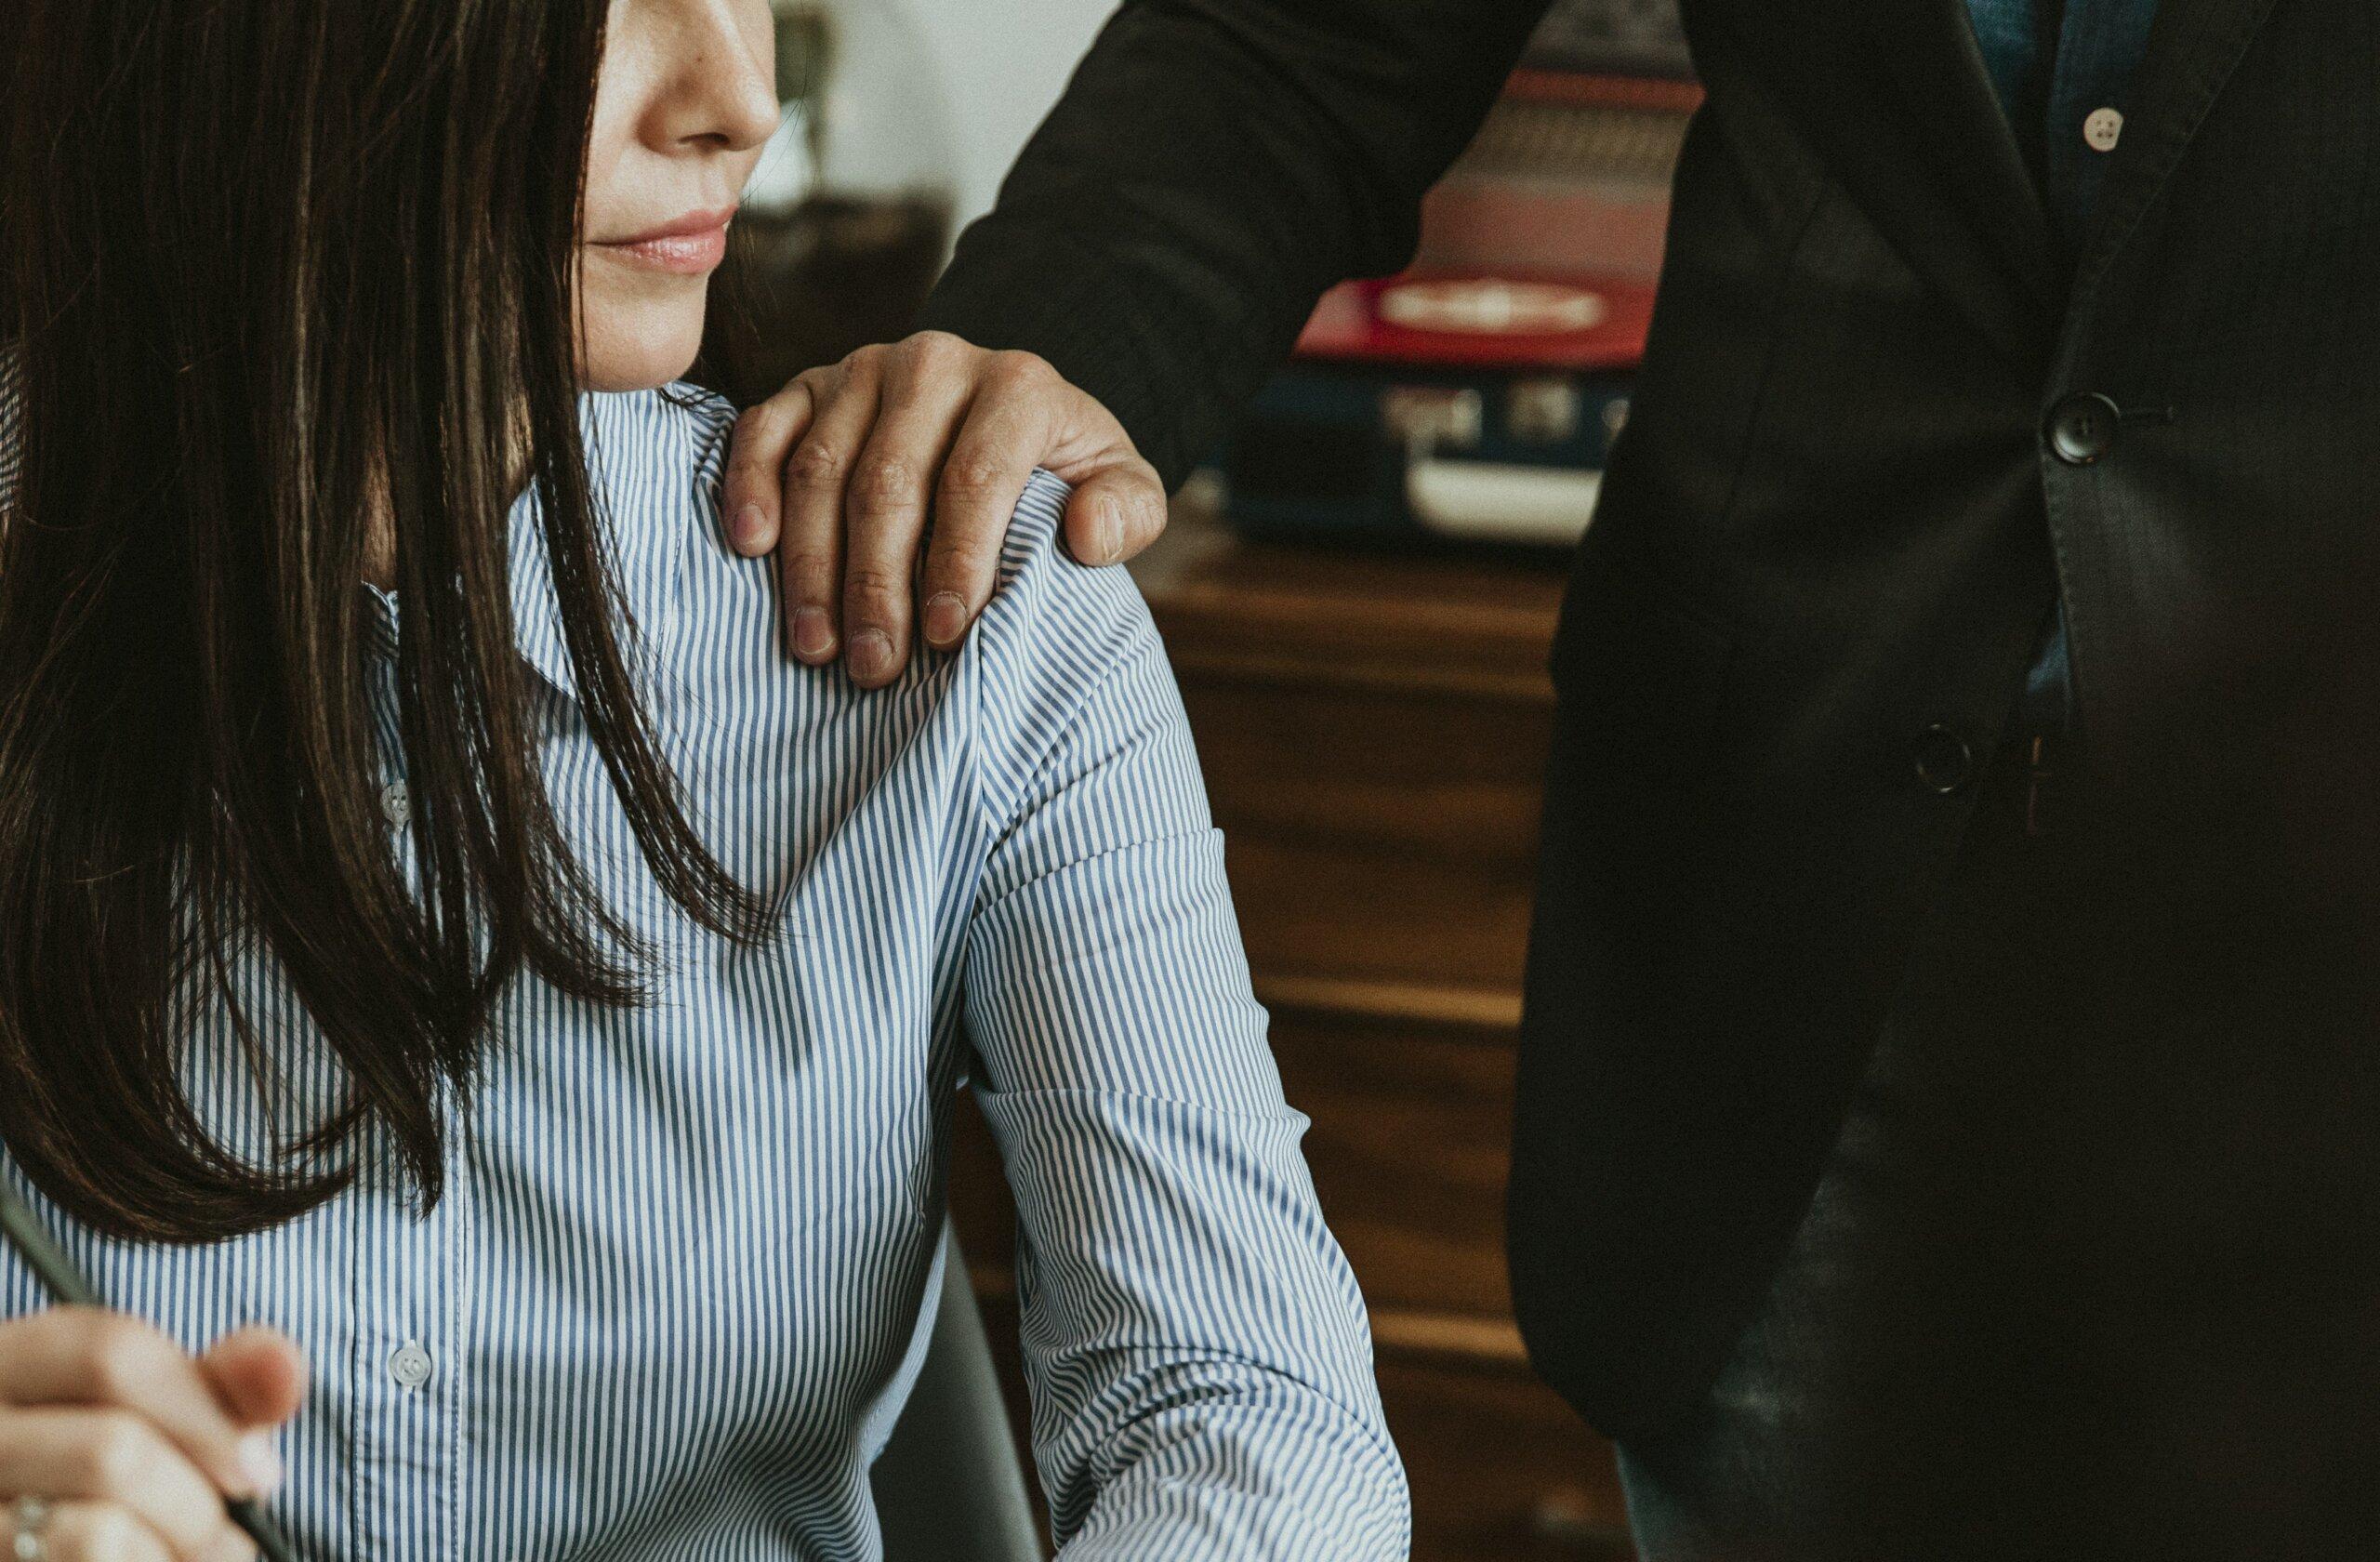 les thérapeutes travaillent en étroite collaboration avec la femme pour soulager l'anxiété